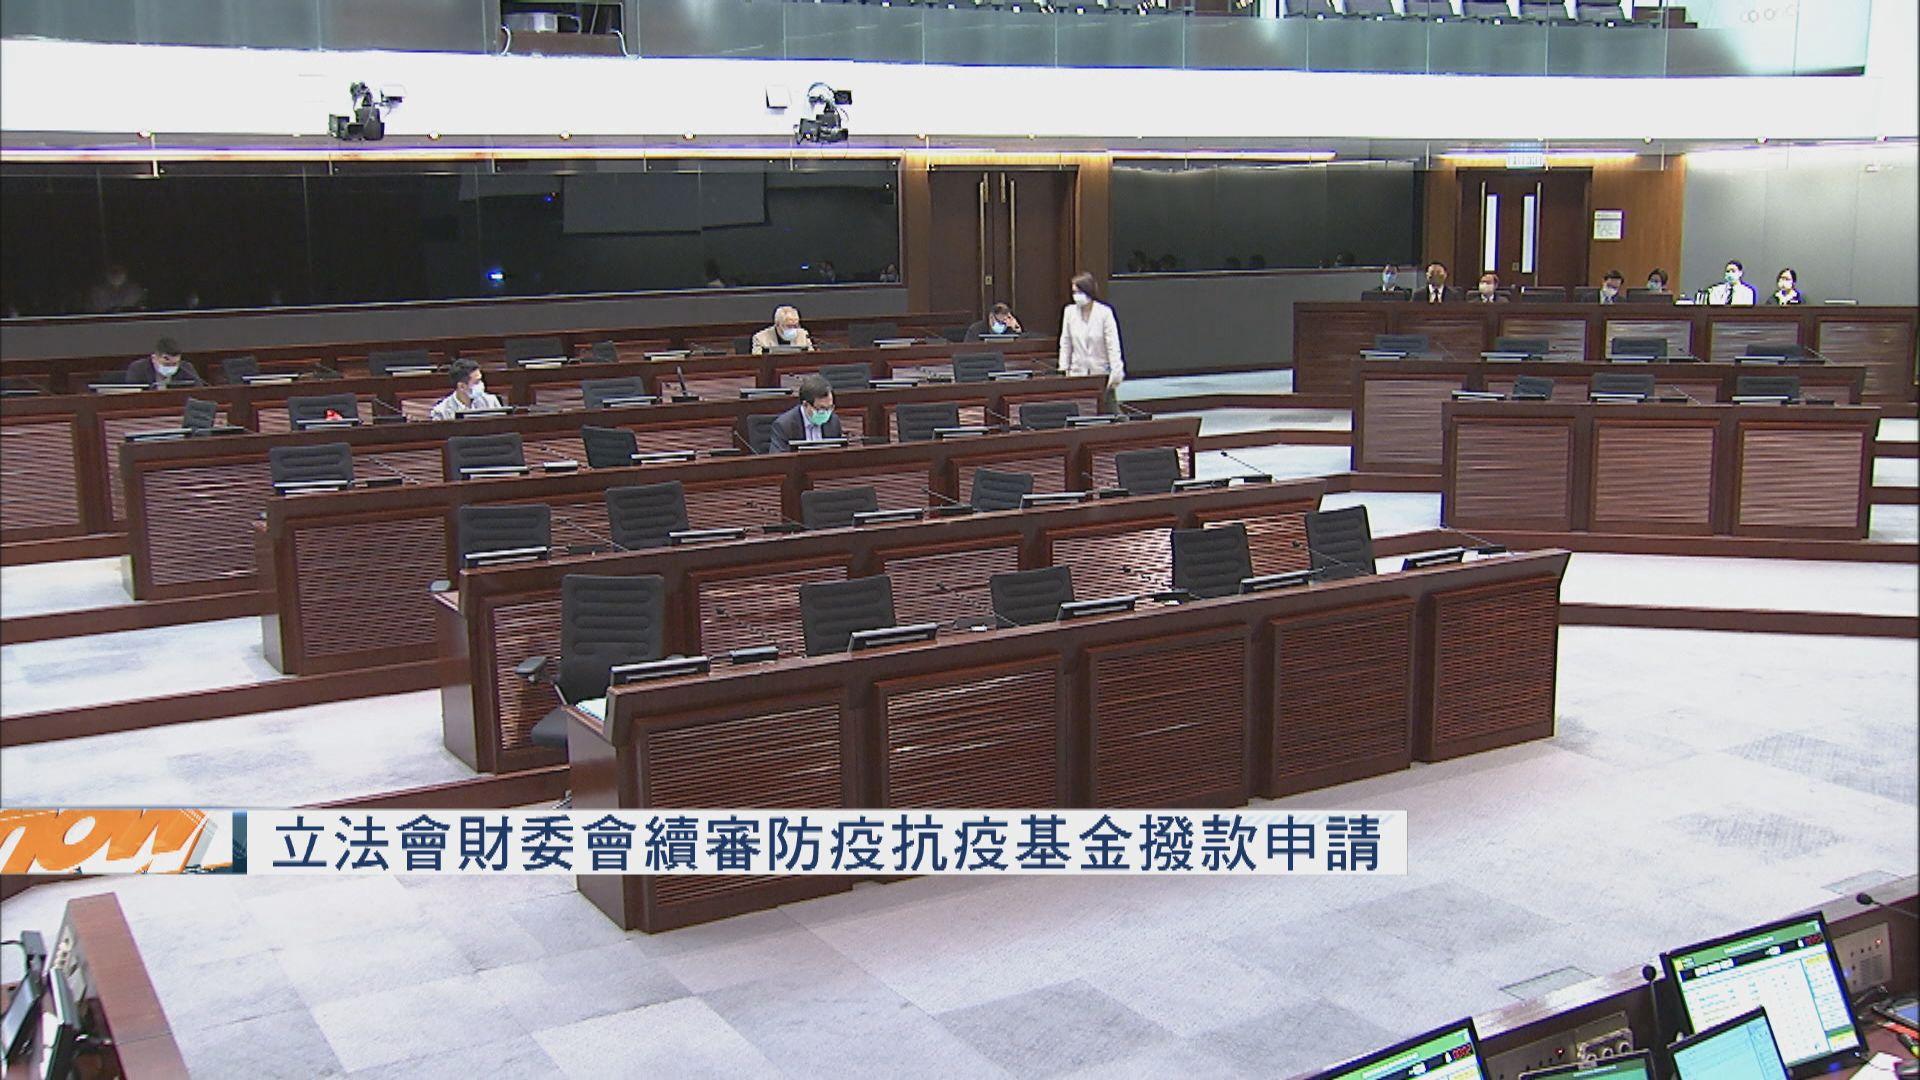 財委會續審防疫抗疫基金撥款申請 議員不滿國泰仍裁員